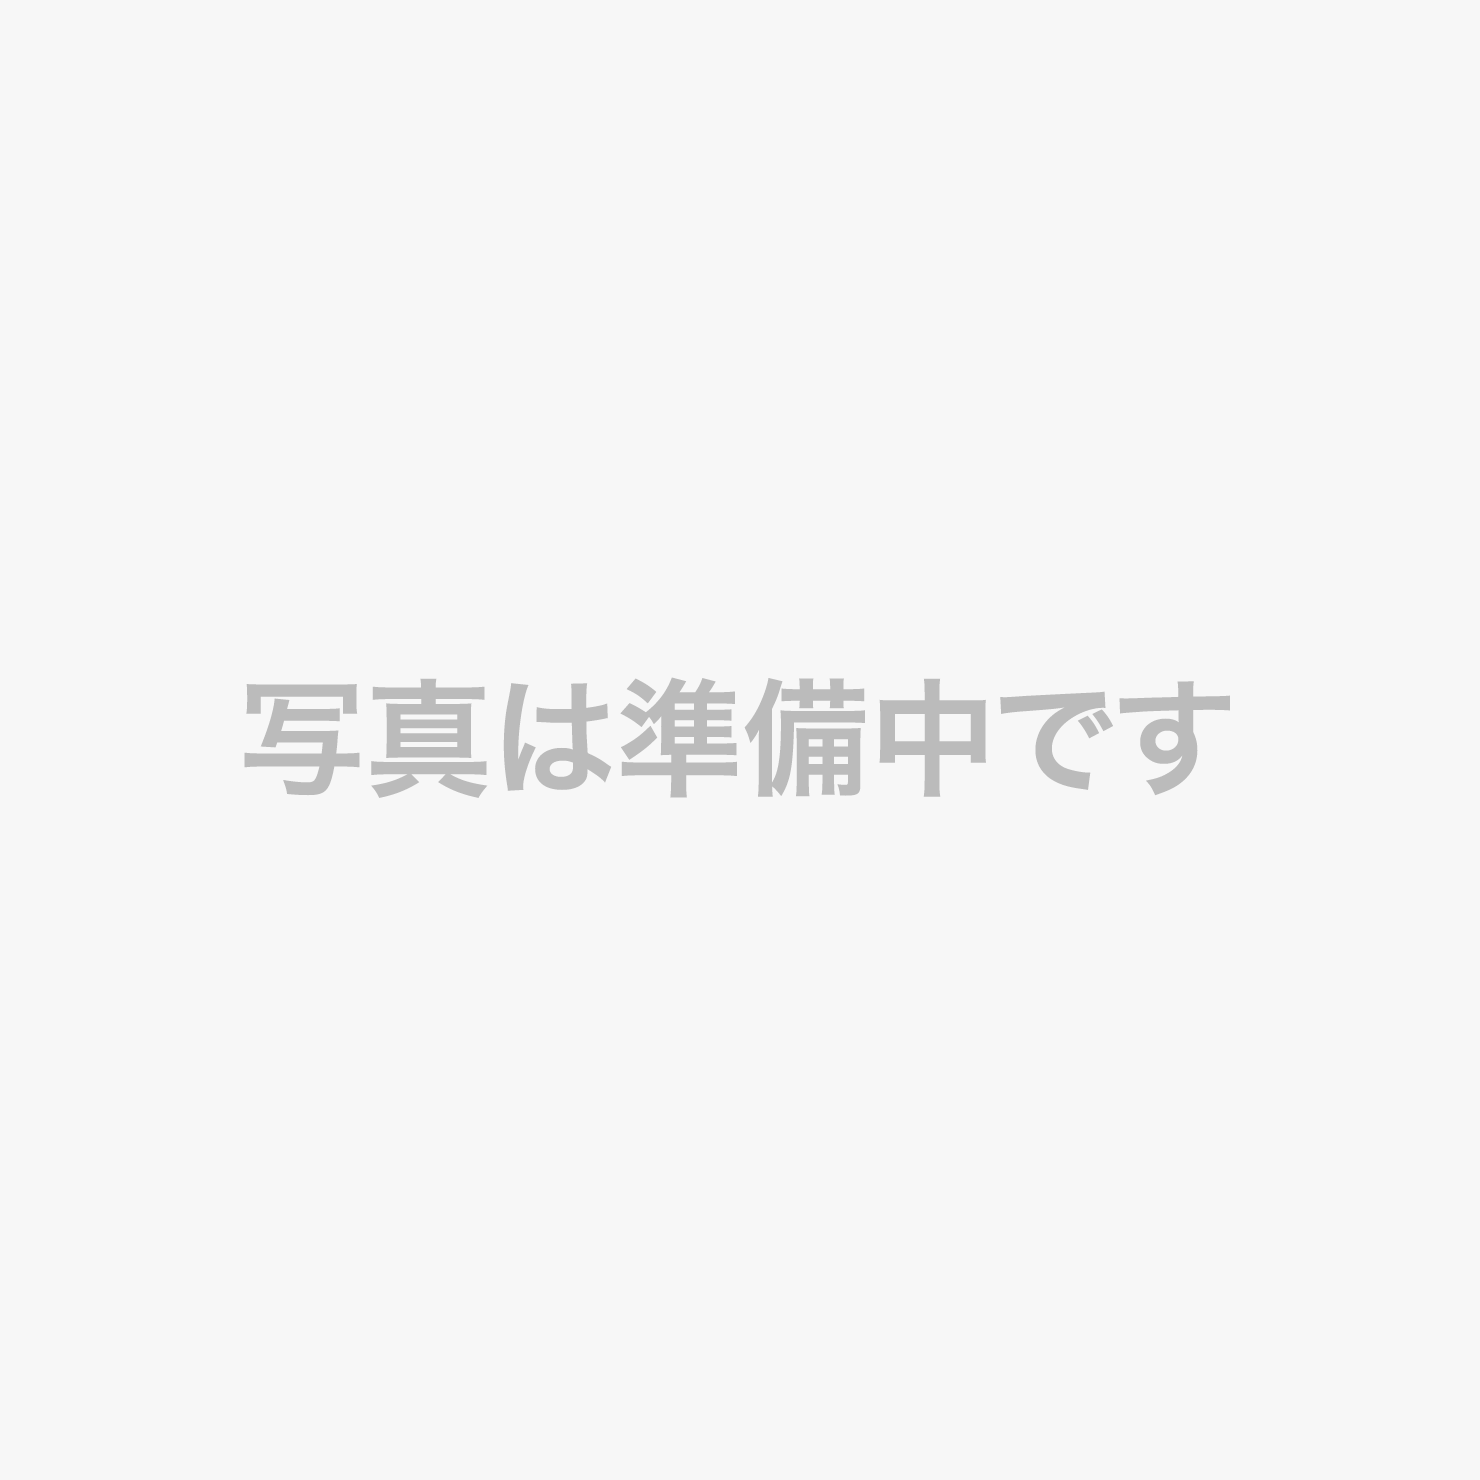 大皿をわいわい食べるのが中華料理の醍醐味(中華料理イメージ)